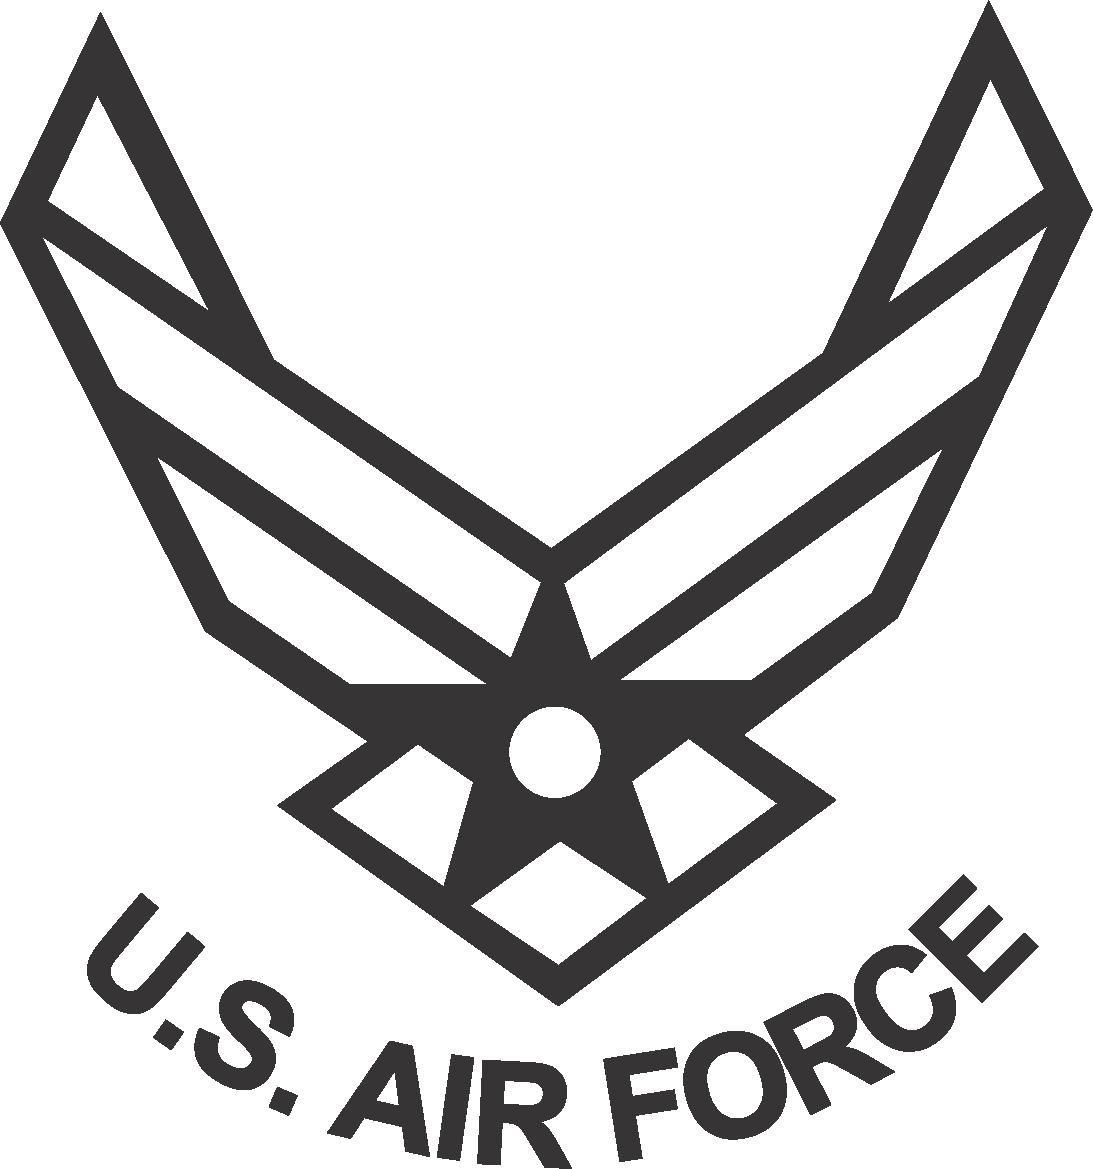 U.S. Air Force - USA Custom Jackets